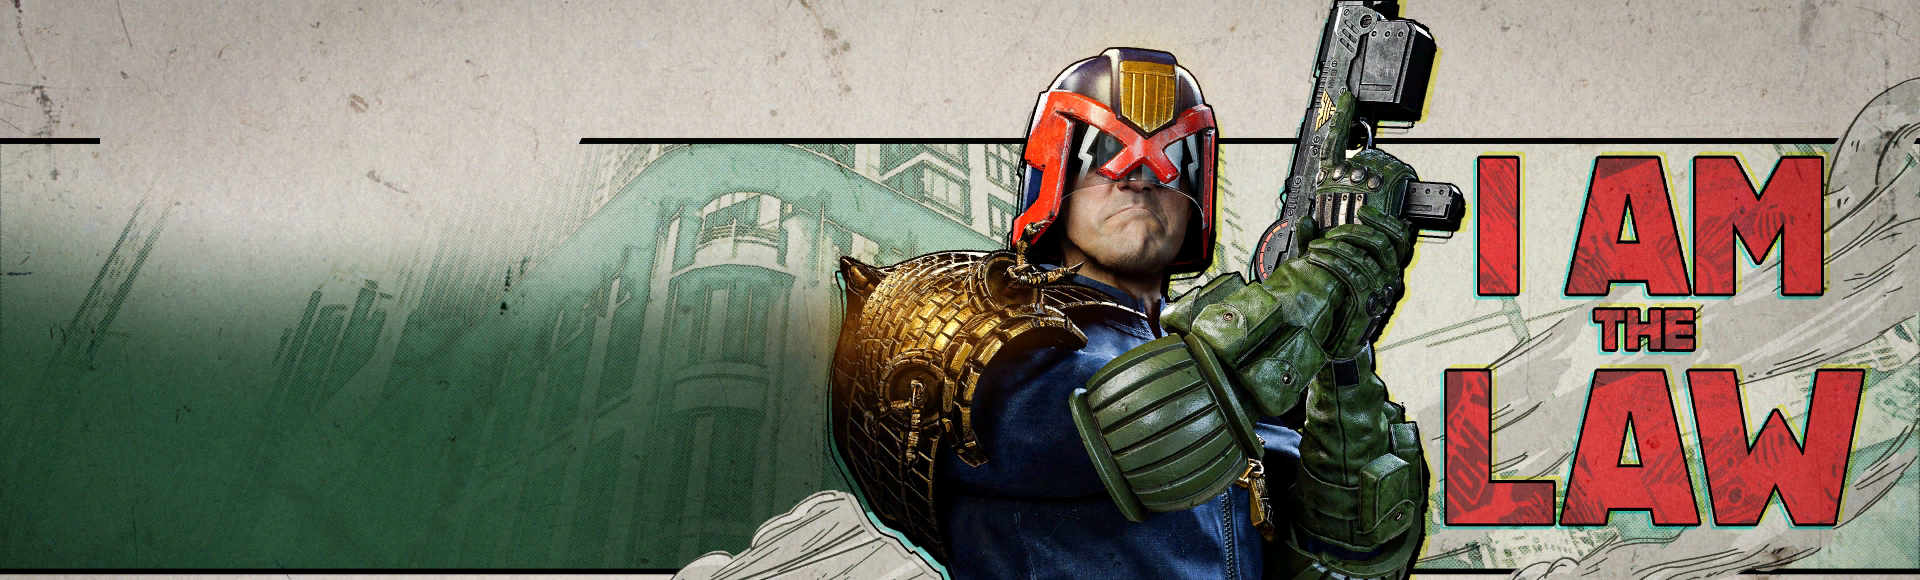 Bundle billboard of Tracer Pack: Judge Dredd